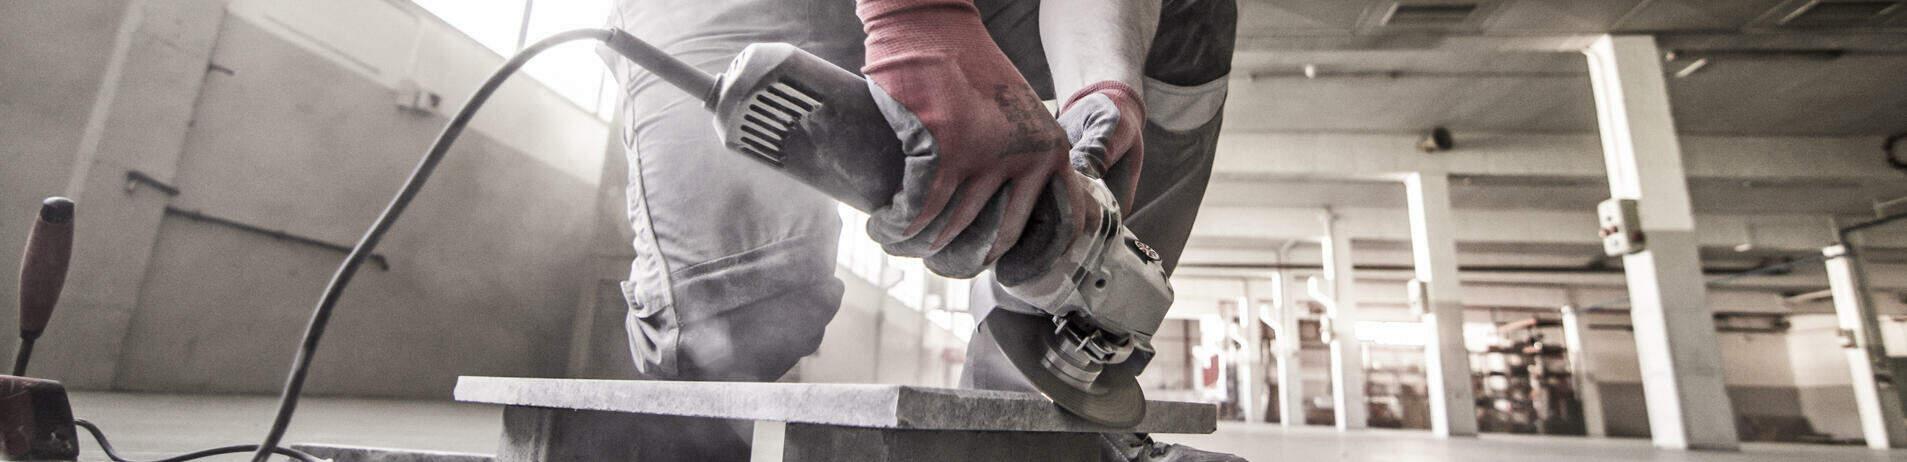 Les 10 outils essentiels pour les professionnels du carrelage